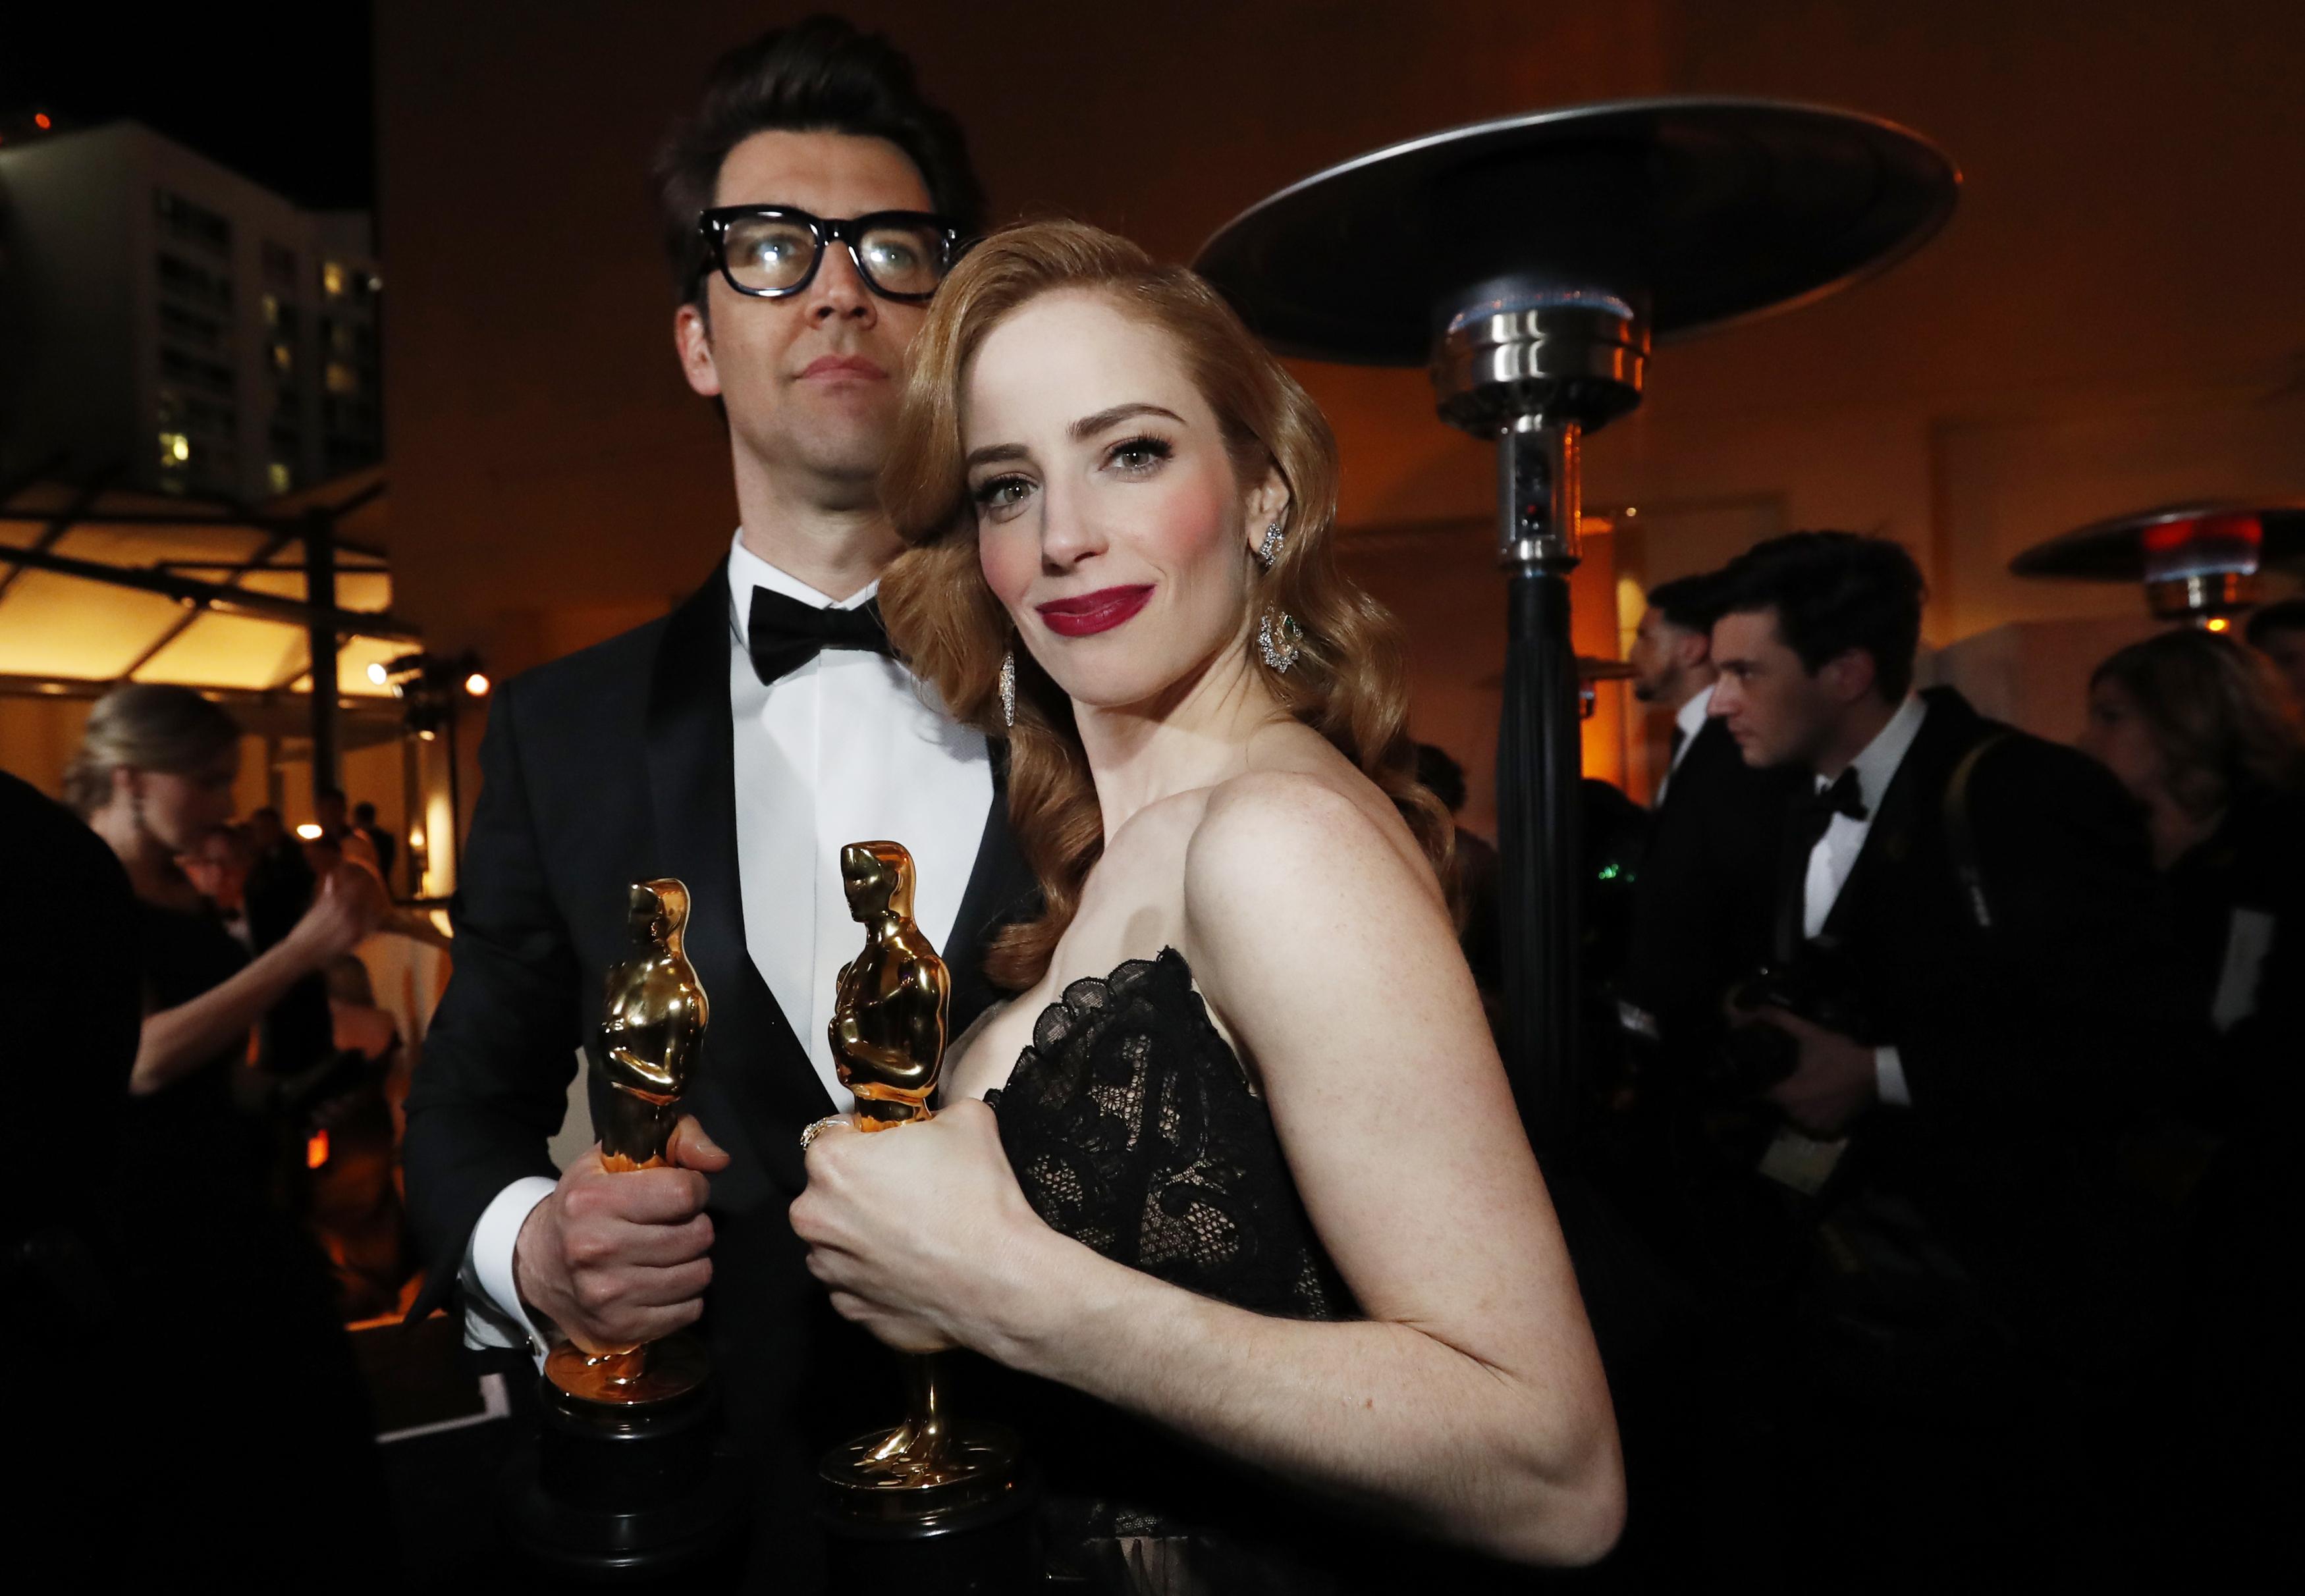 """غاي ناتيف وجايم راي نيومان، الفائزان بجائزة الأوسكار عن أفضل فيلم قصير """"Skin"""""""